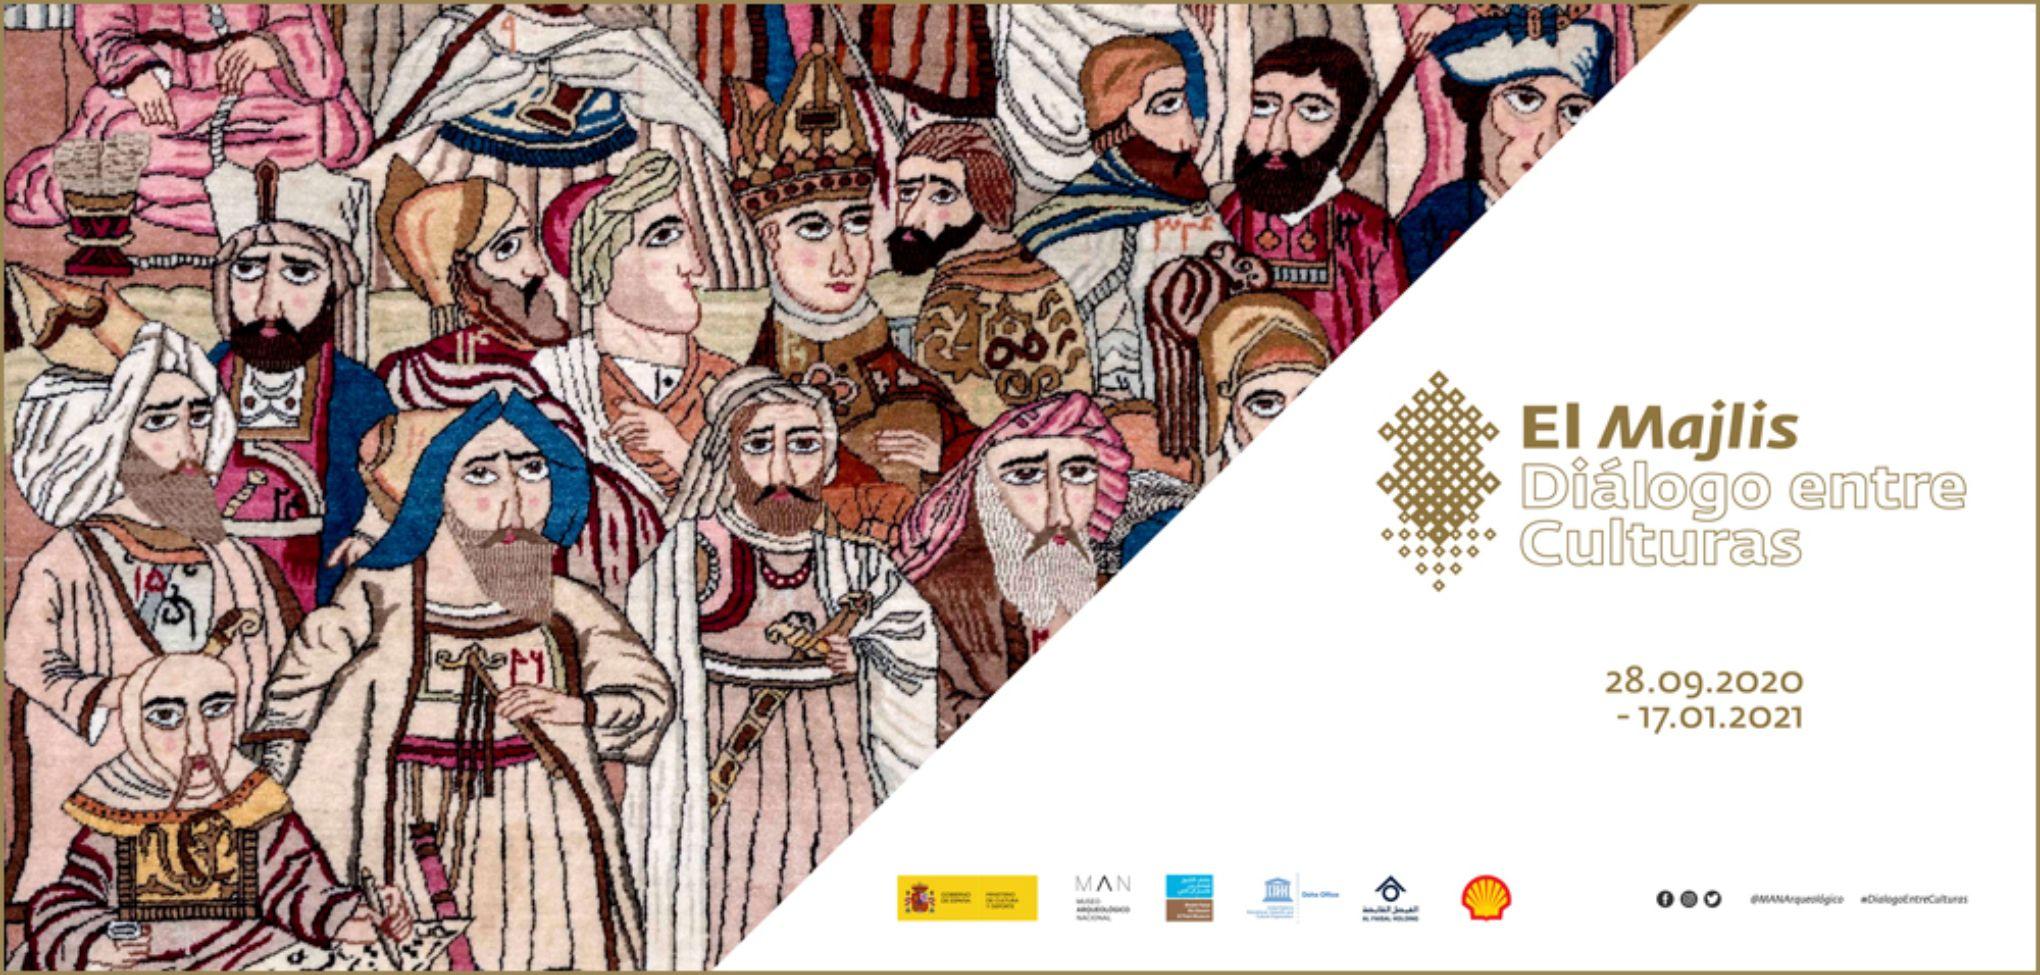 El Majlis, Museo Arqueológico